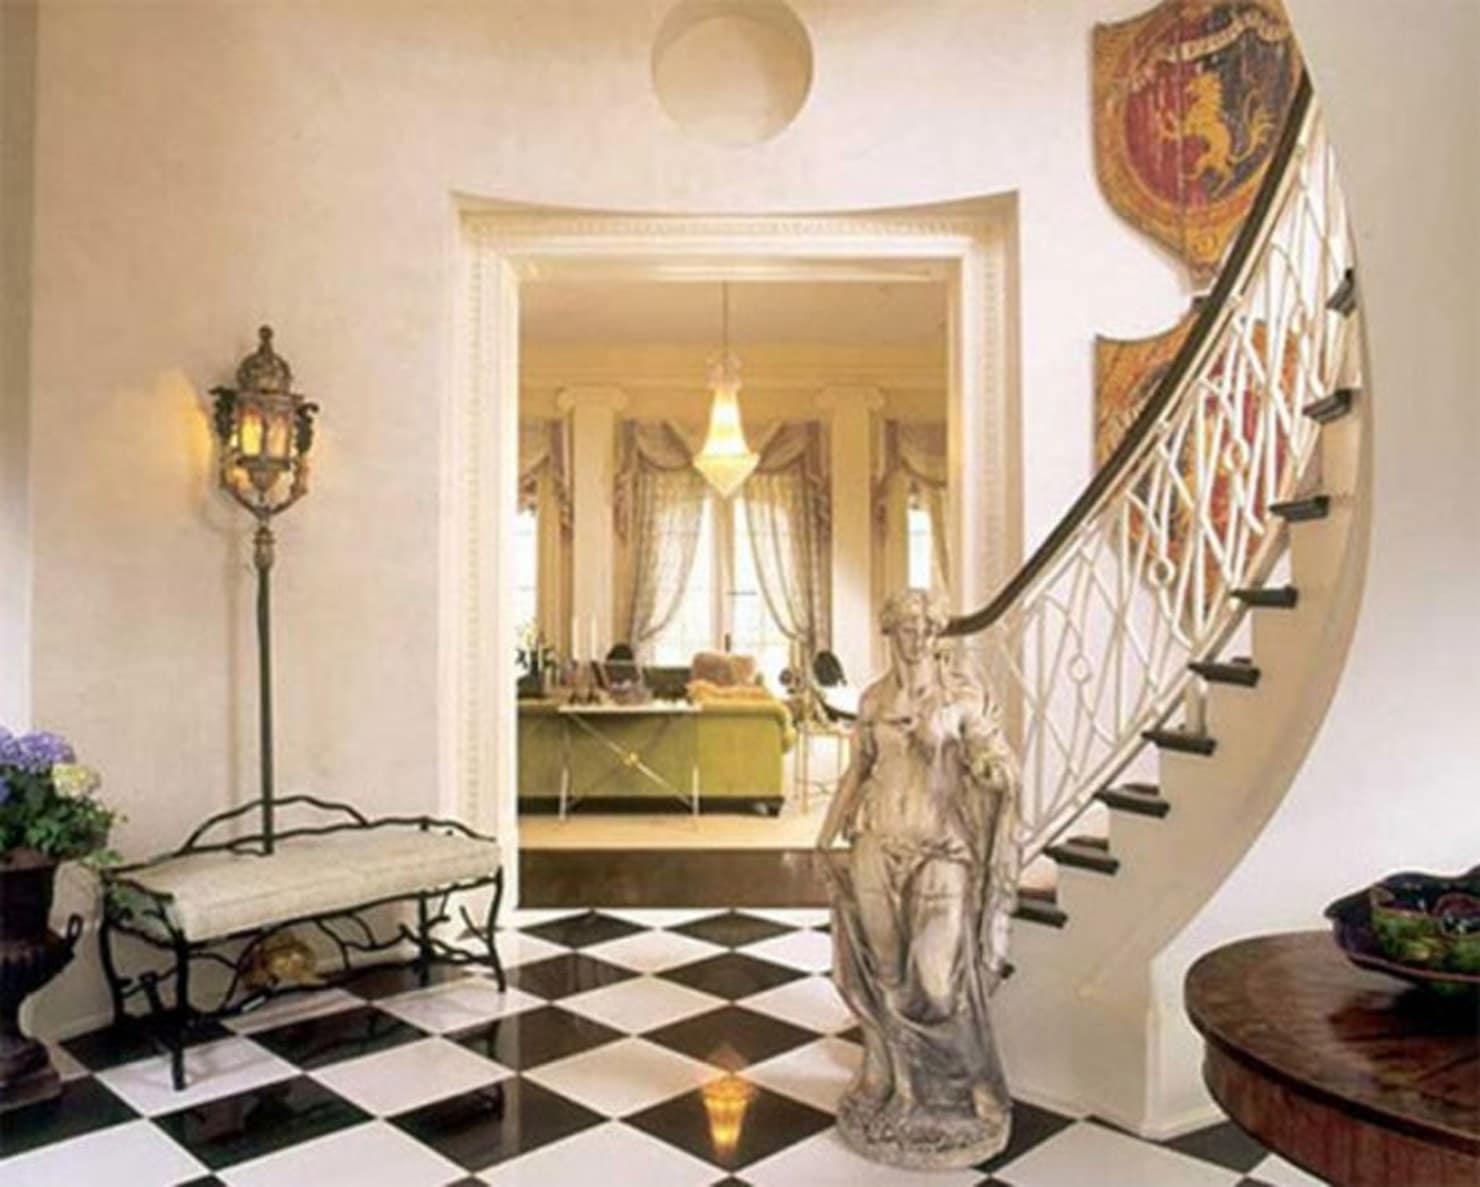 stunning-21-giris-kapisinin-da-giris-evinizin-giris-holunu-dekore-etmek-21 Evinizin giriş holünü dekore etmek